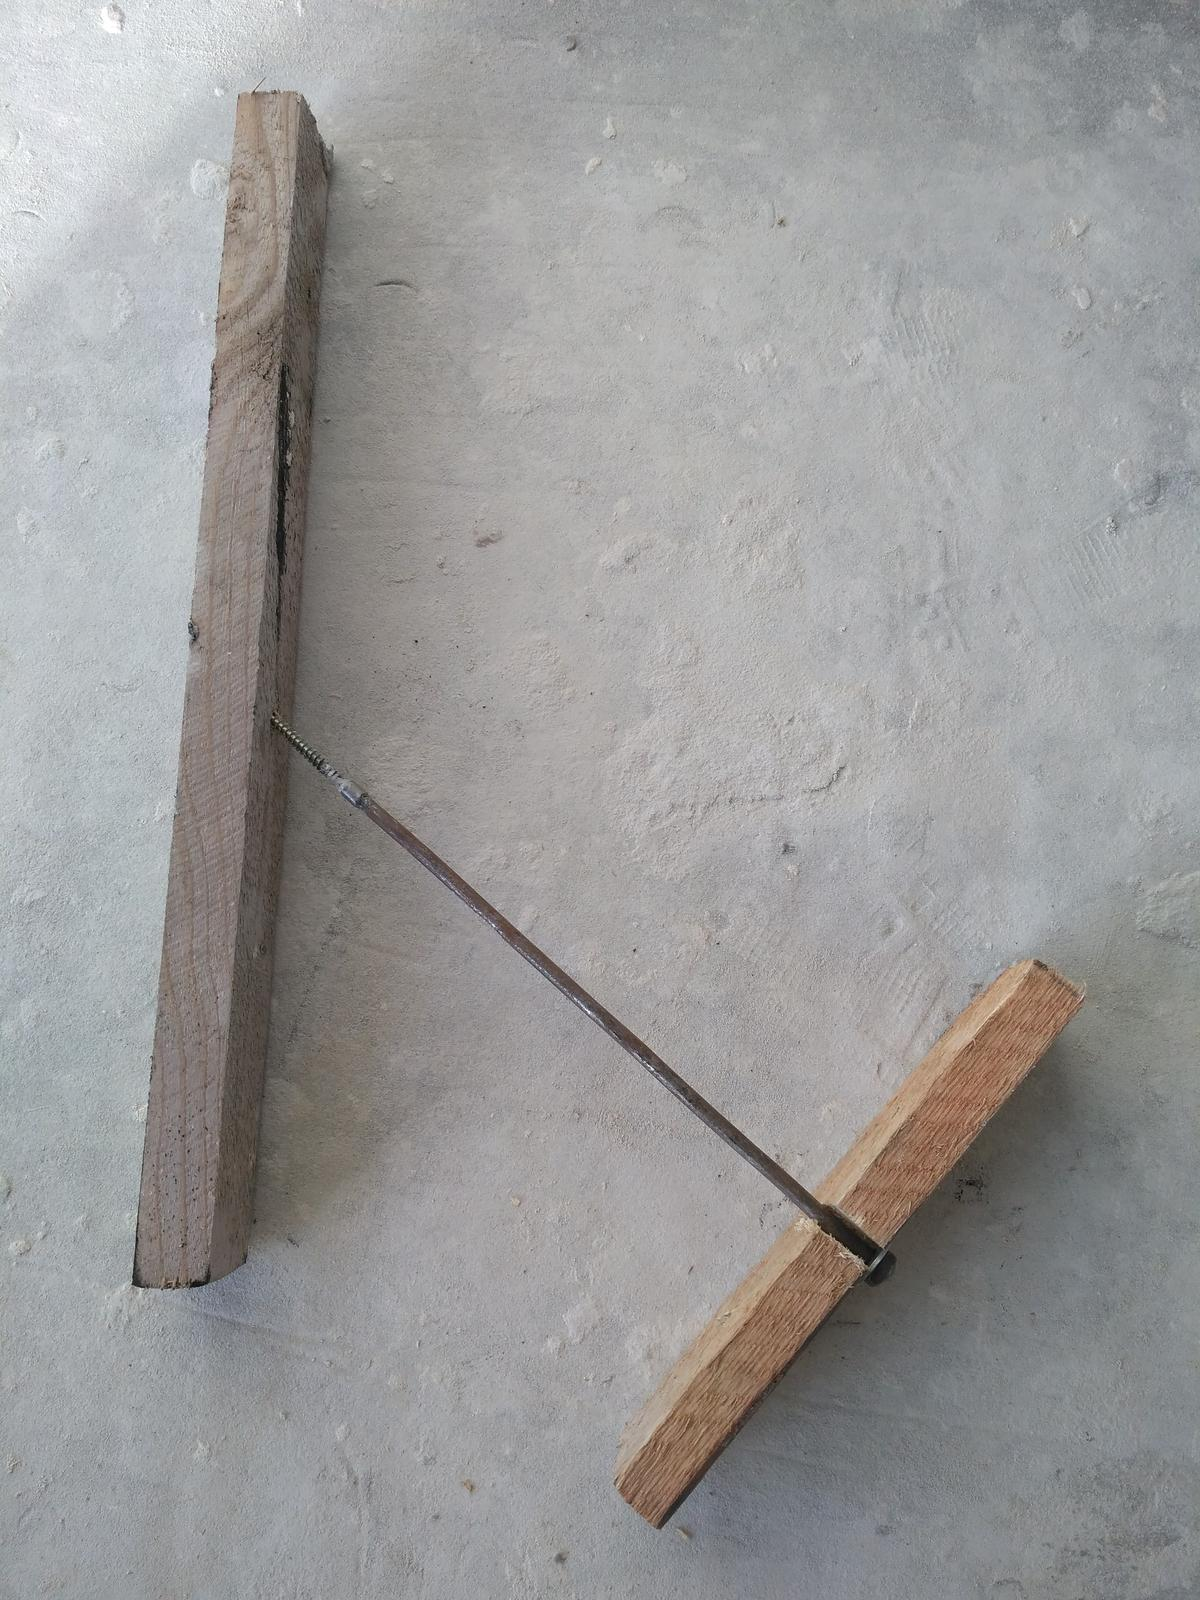 Oprava keramického komínu - Táta udělal ze střešní latě, kousku kulatiny, vrutu a matice - stahovák - který zafixuje nový sopouch na svém místě, než dozraje lepidlo